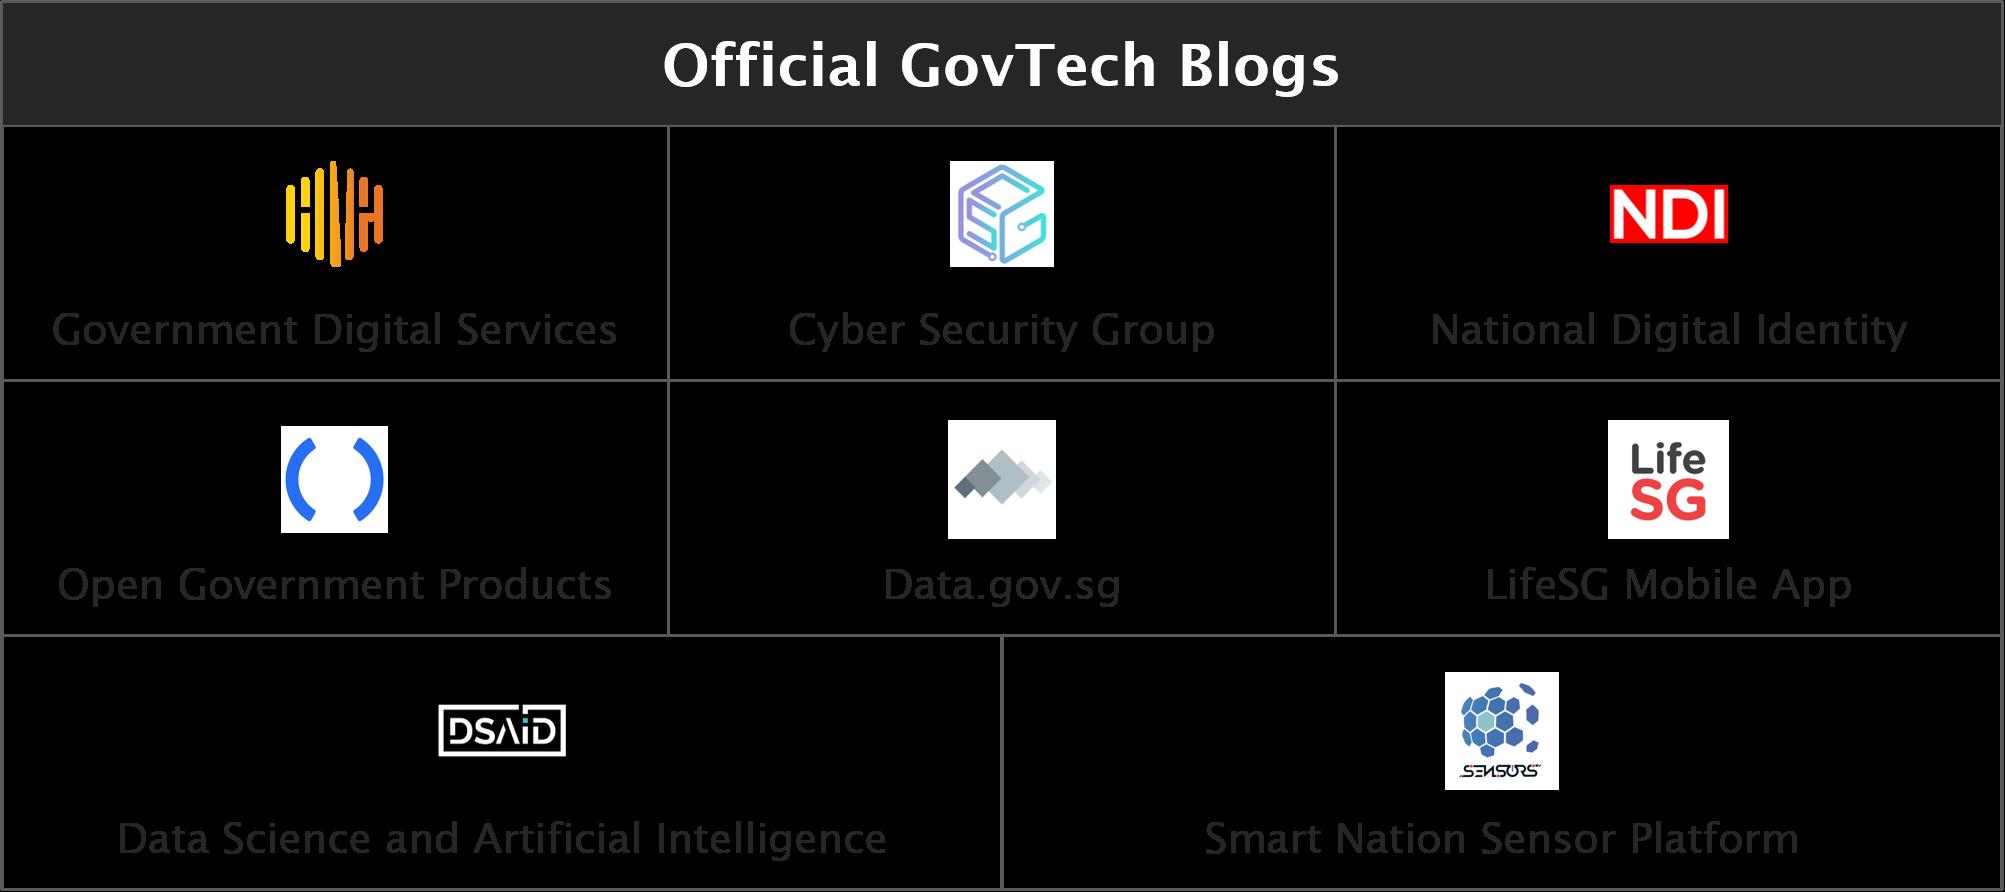 A screenshot of the blogs